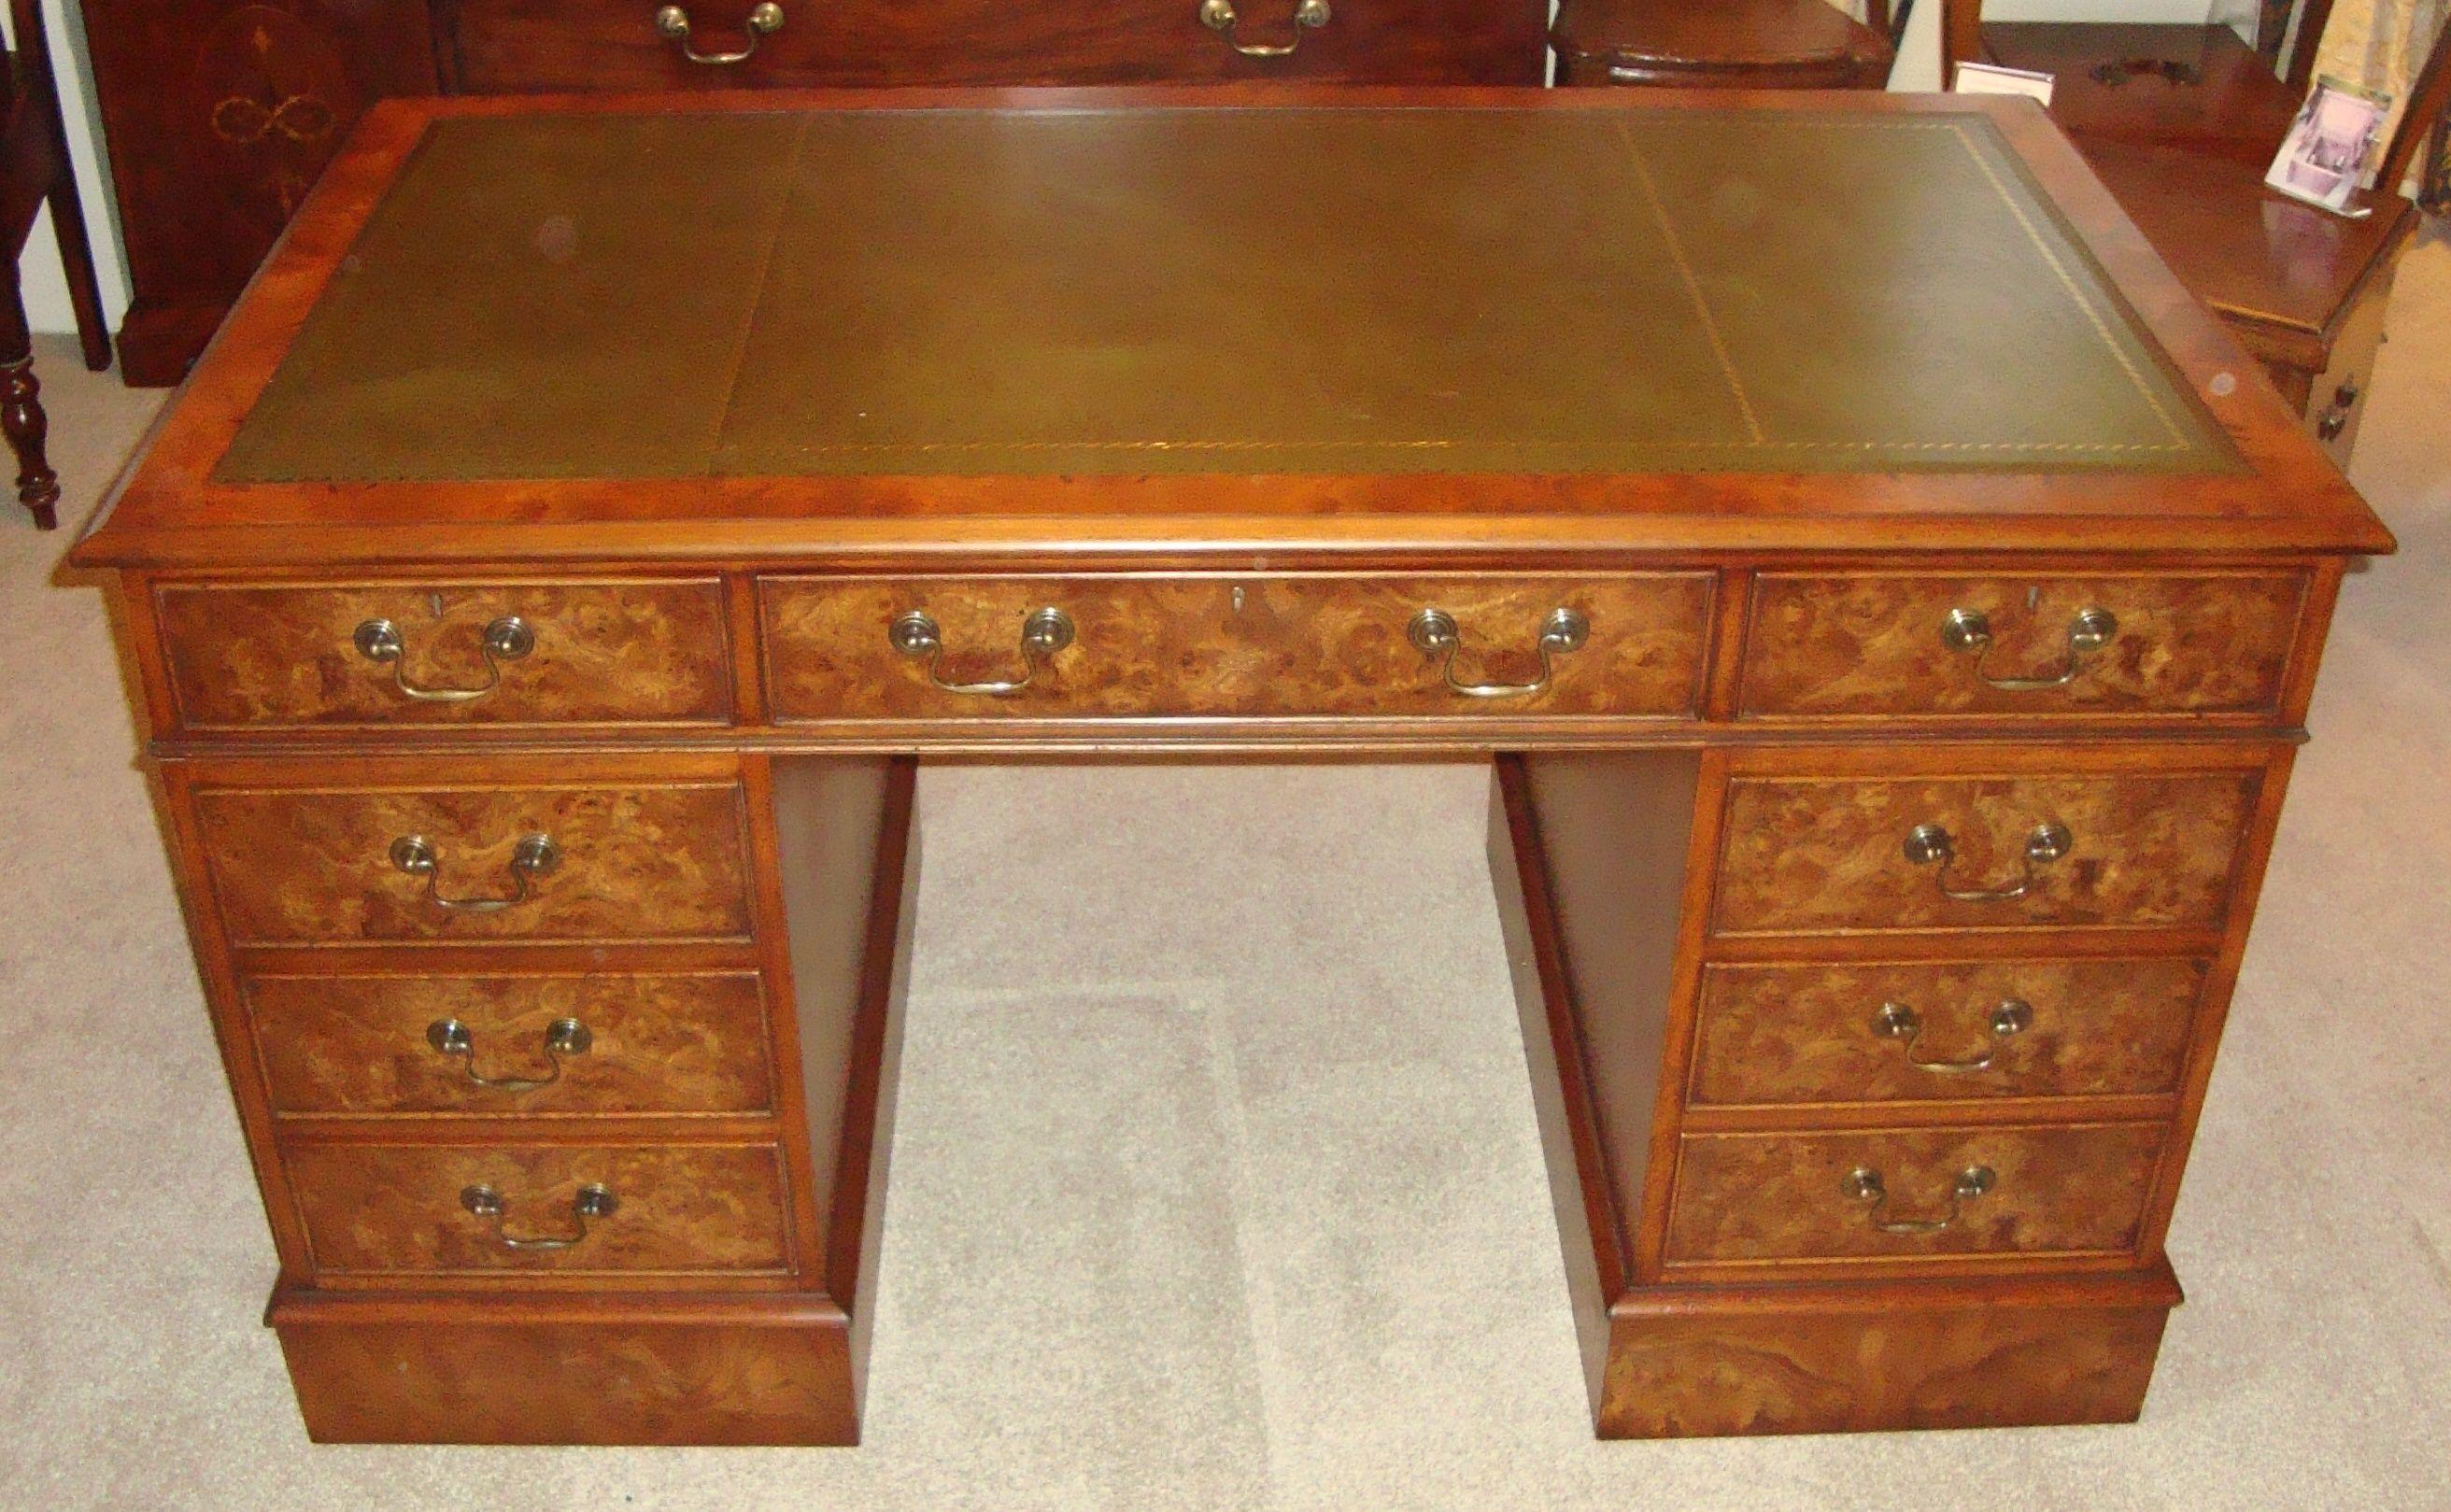 Fine quality reproduction pedestal desk